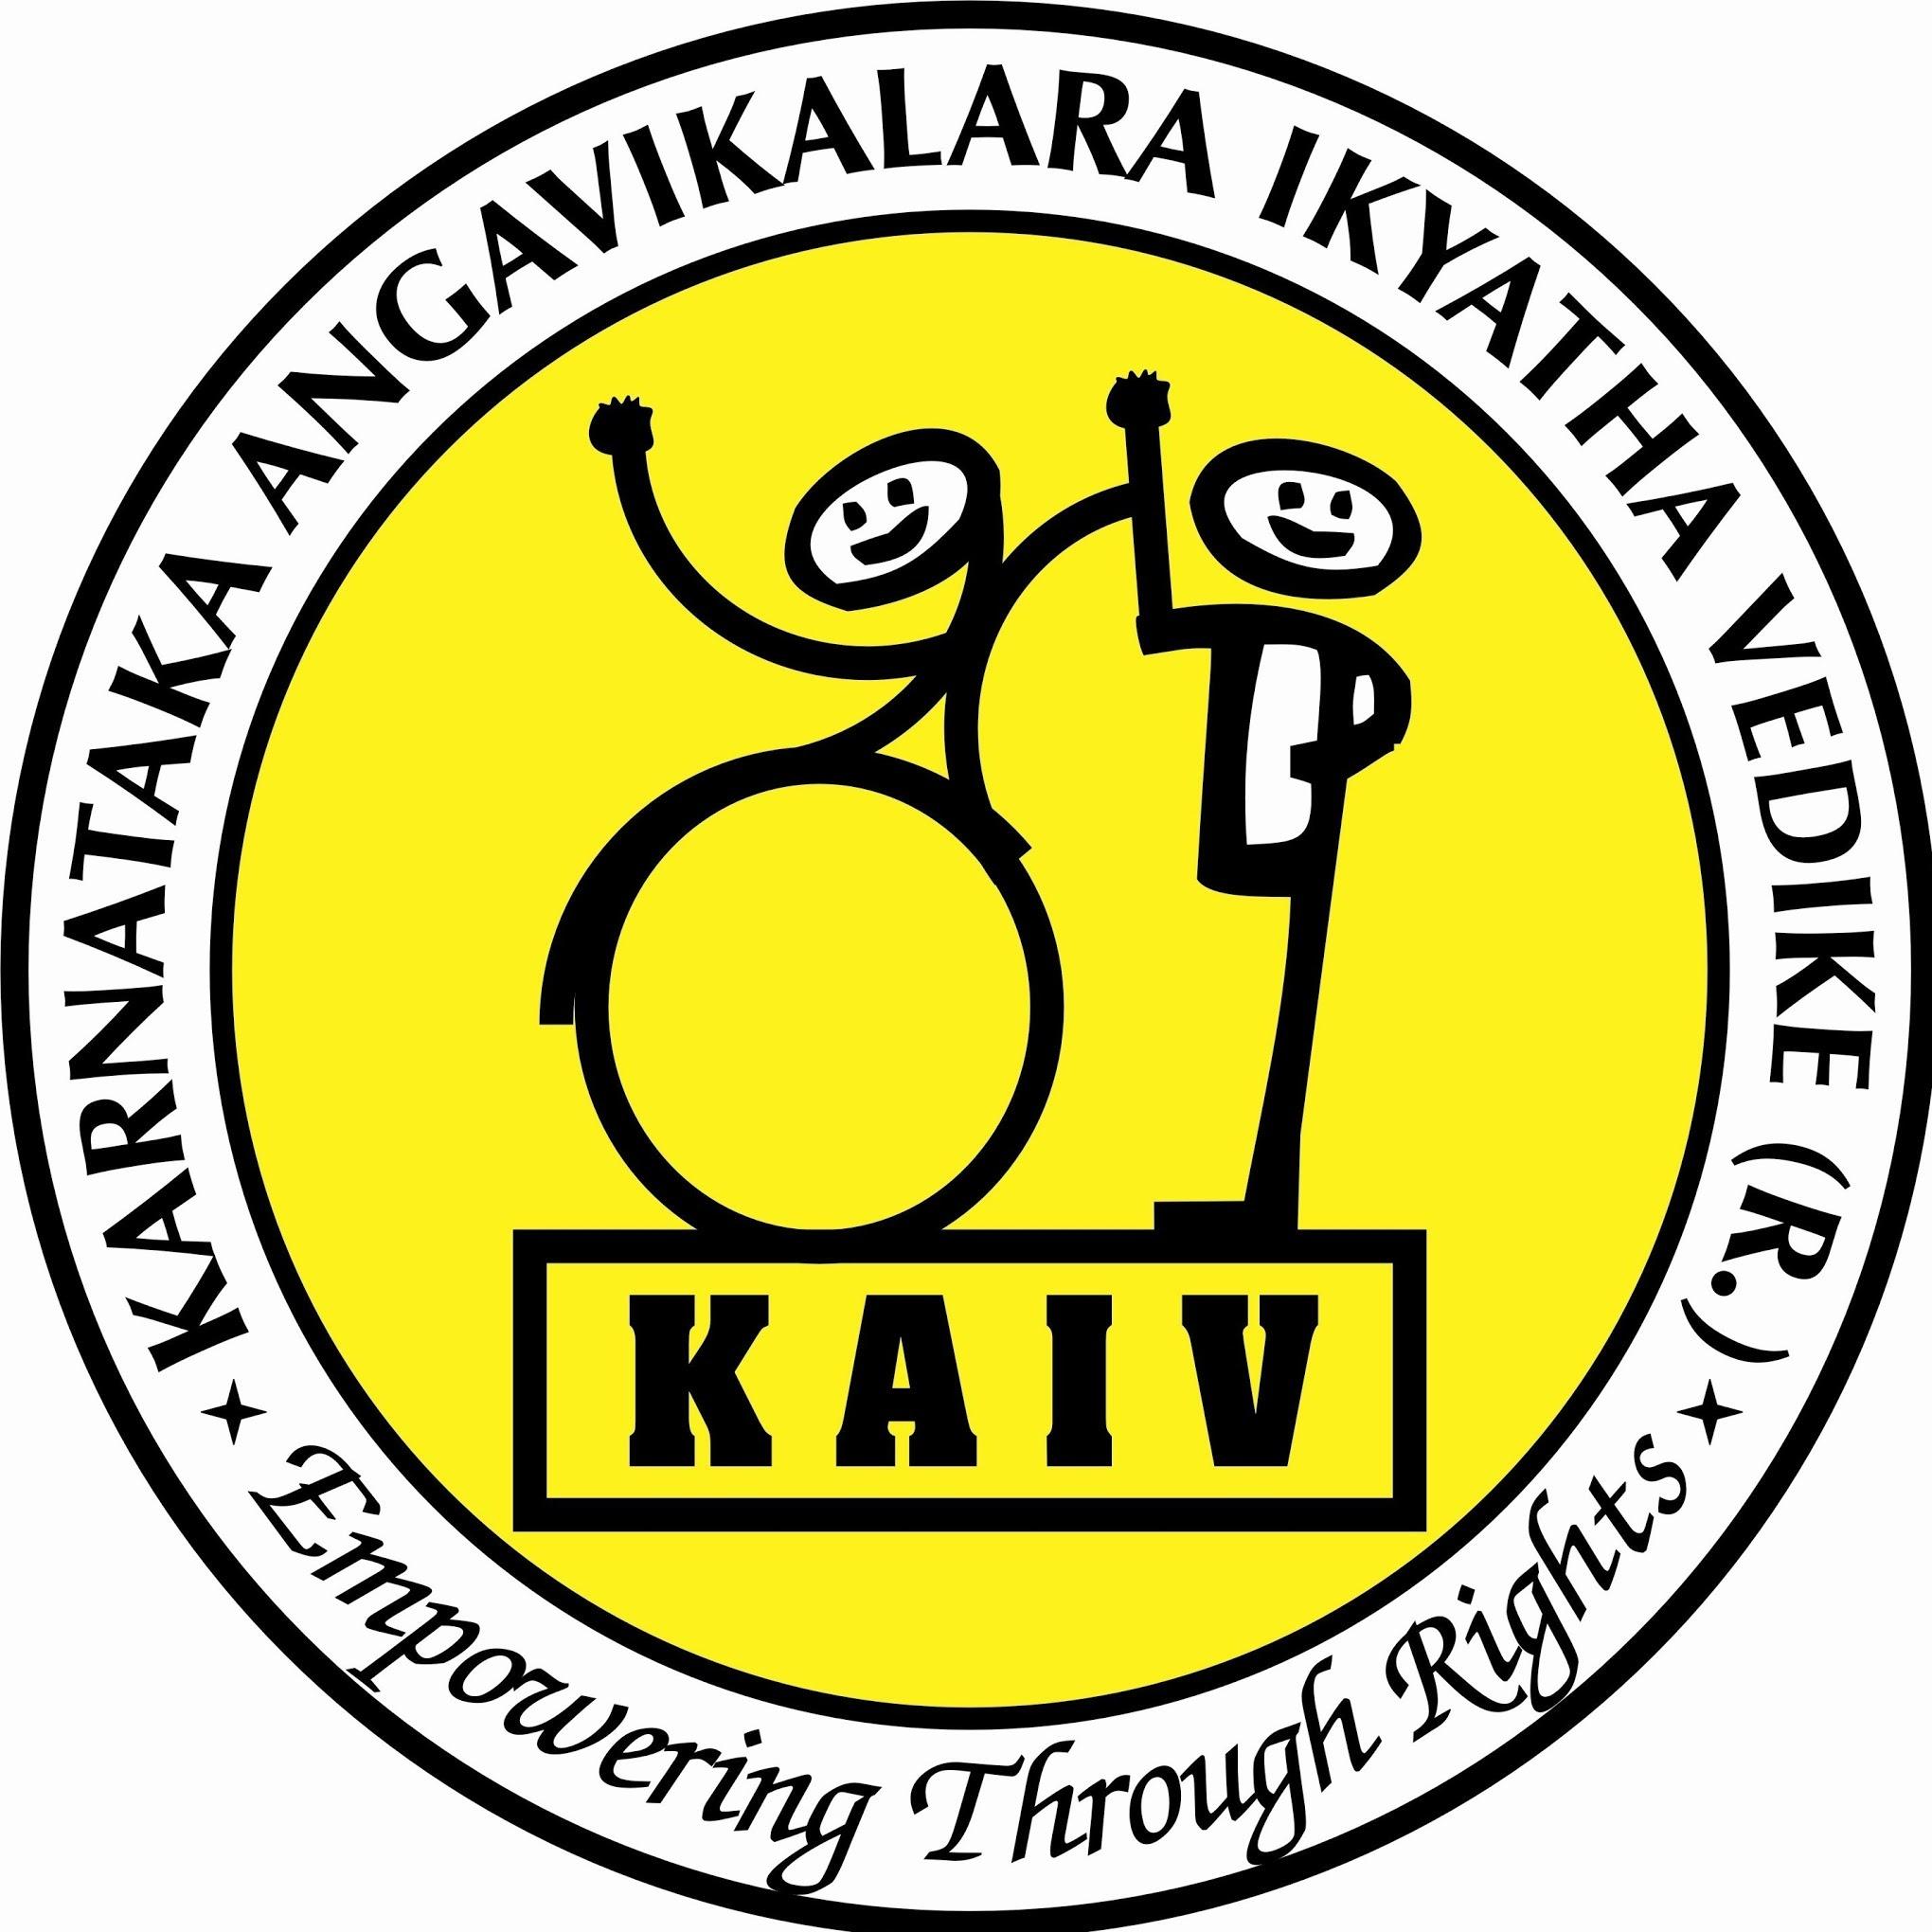 /media/kaiv/kaiv_logo.jpg